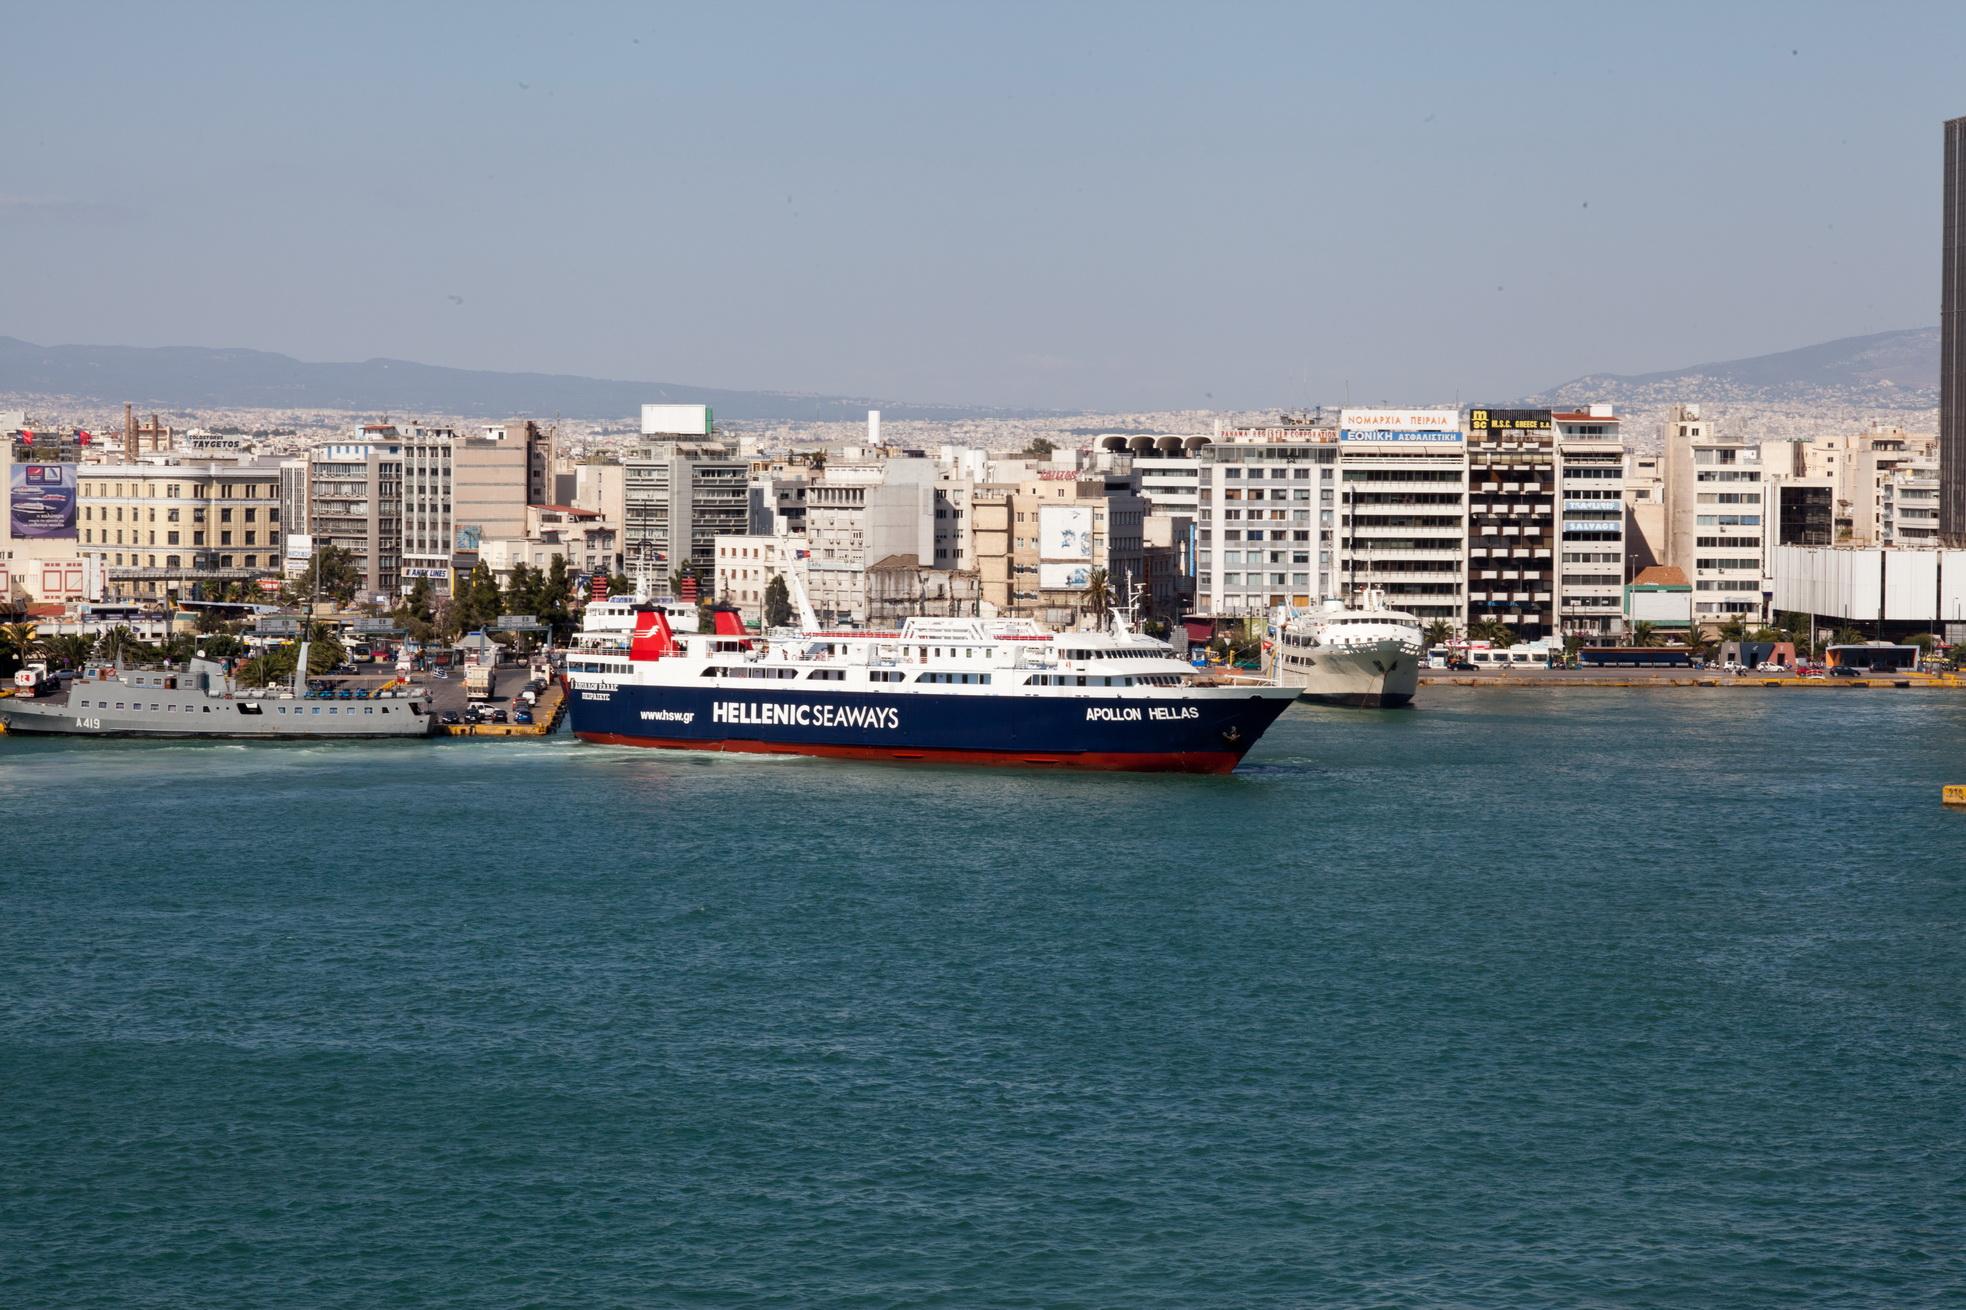 MS Apollon IMO 8807105 Heellas Hellenic Seaways Piraeus Port of Athens Greece 03